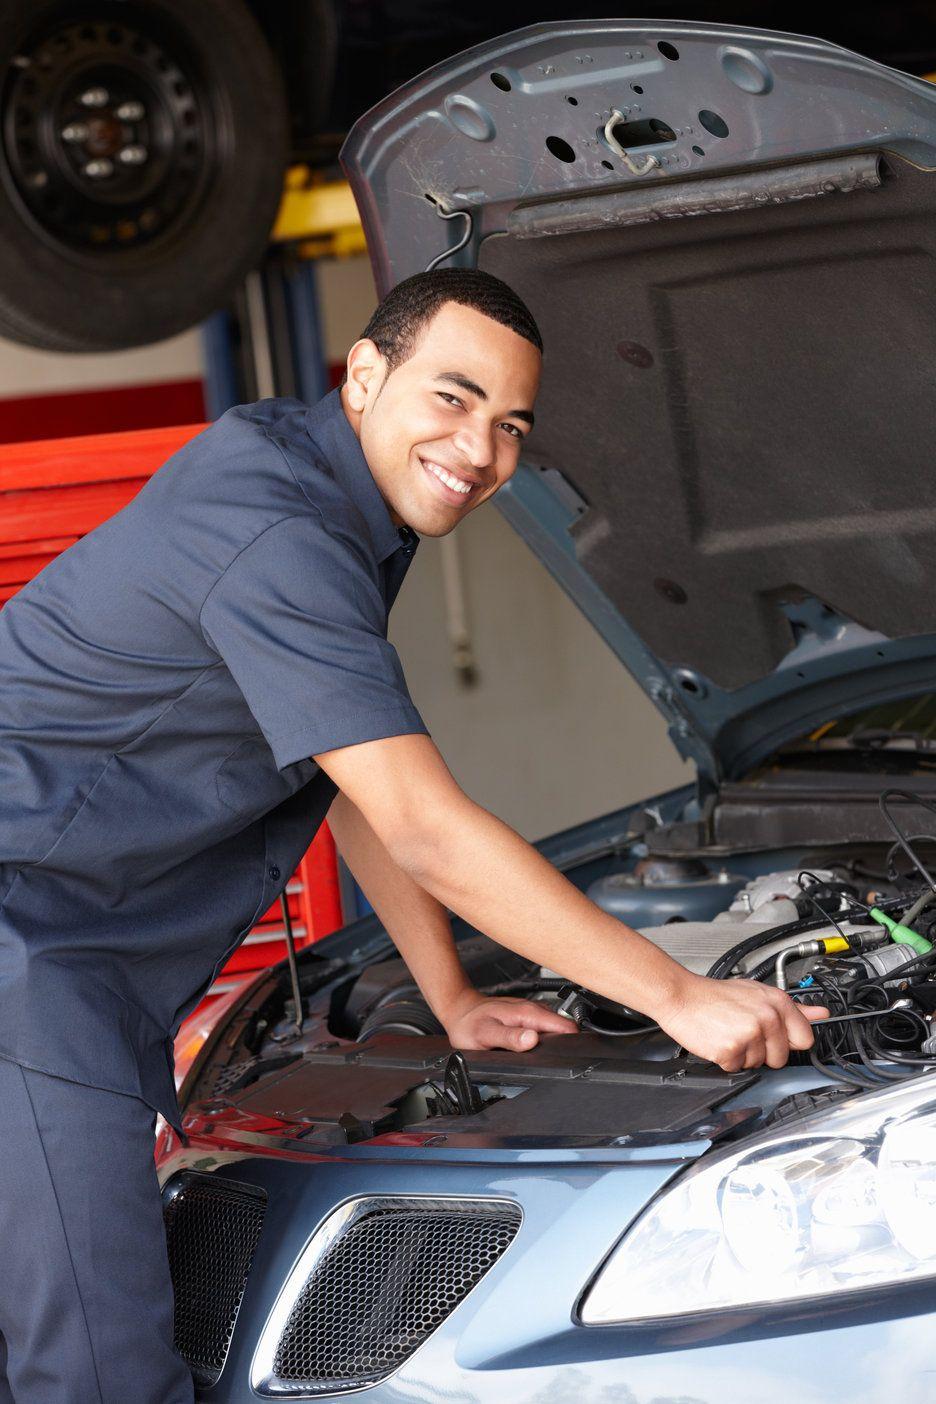 Older Vehicle Maintenance Automotive repair shop, Car